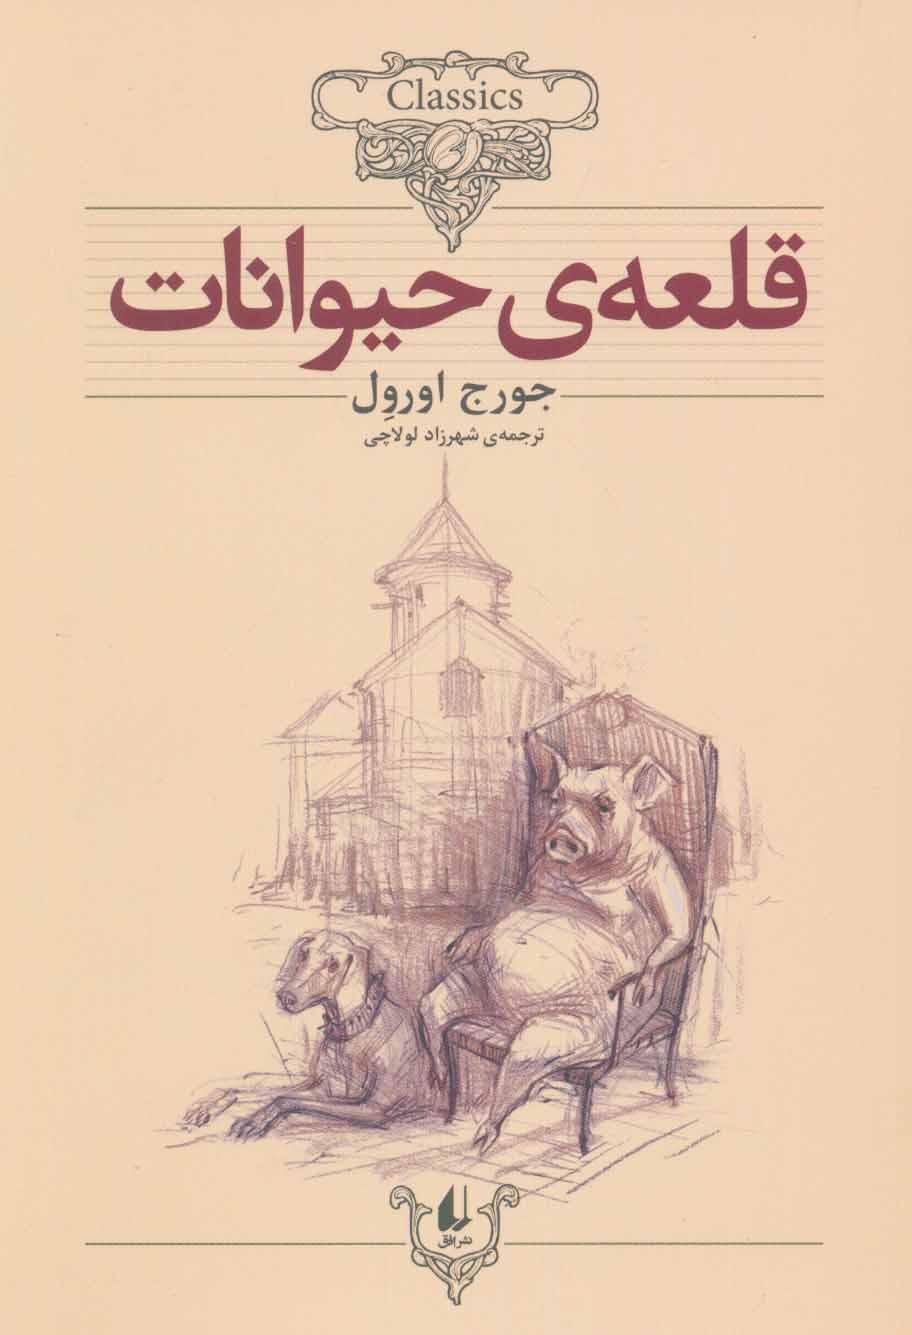 کلکسیون کلاسیک26 (قلعه ی حیوانات)